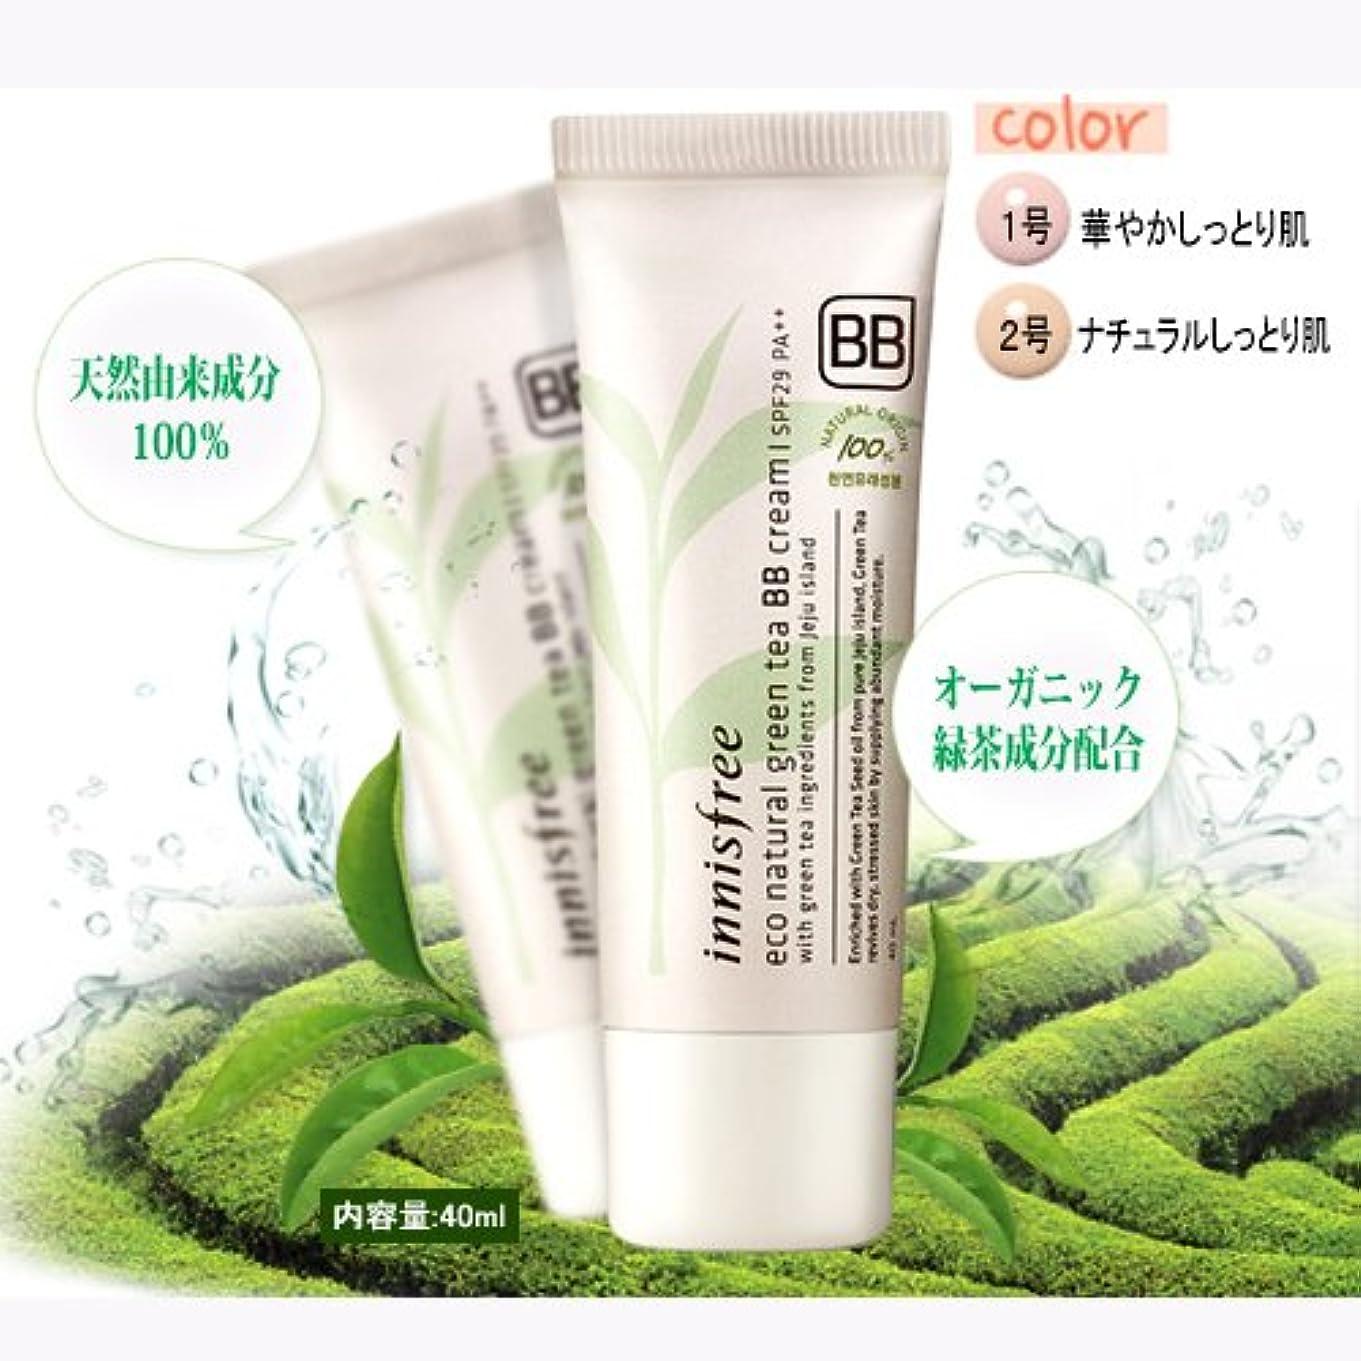 背景楽しむレモンinnisfree/イニスフリー Eco Natural Green Tea BB Cream #02/エコナチュラルグリーンティーBBクリームナチュラルなしっとりお肌 SPF29PA++40ml